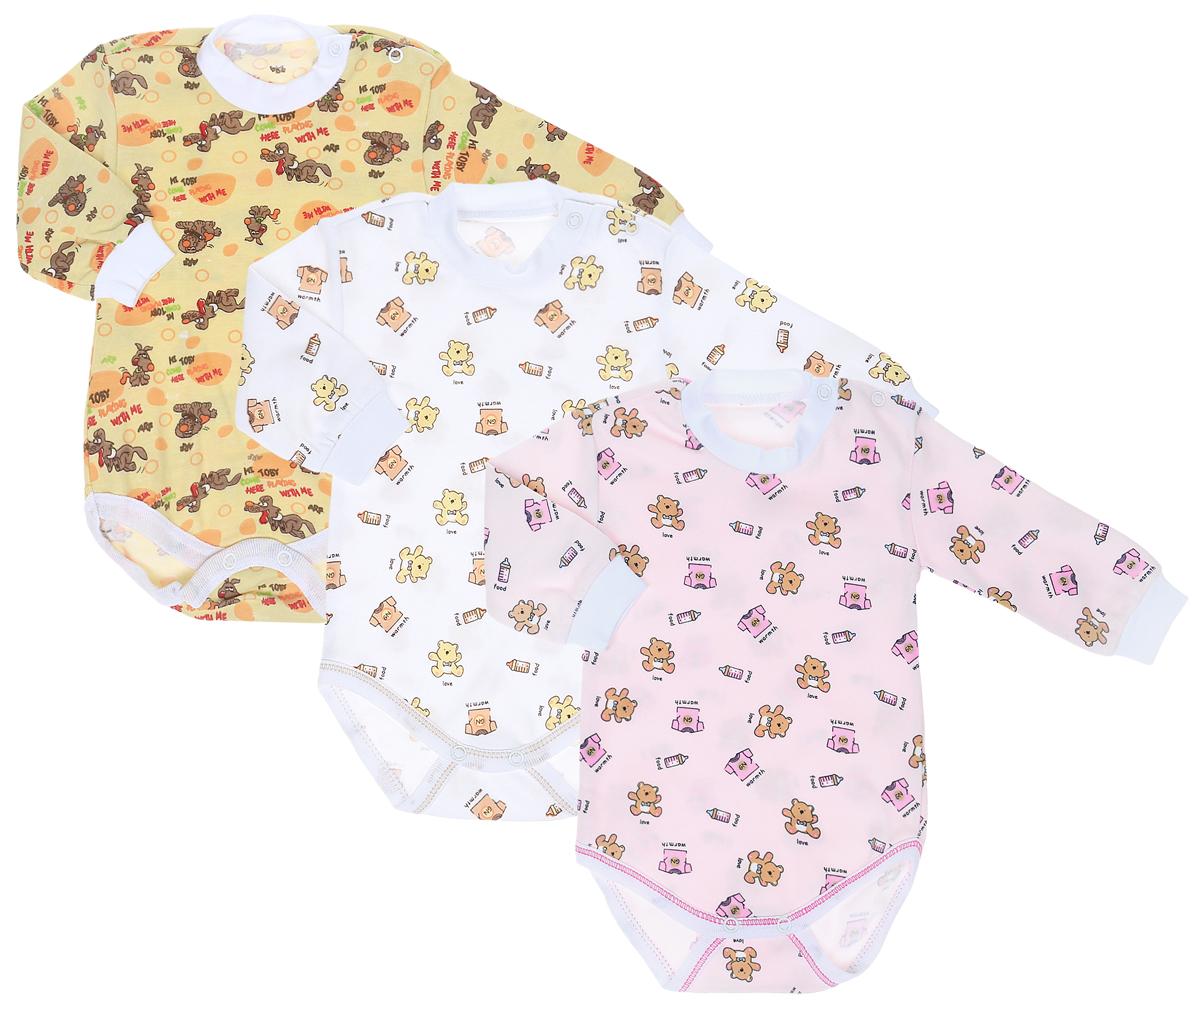 Боди для девочки Фреш Стайл, цвет: розовый, белый, желтый, 3 шт. 33-308д. Размер 86 боди и песочники hudson baby боди собачка 3 шт